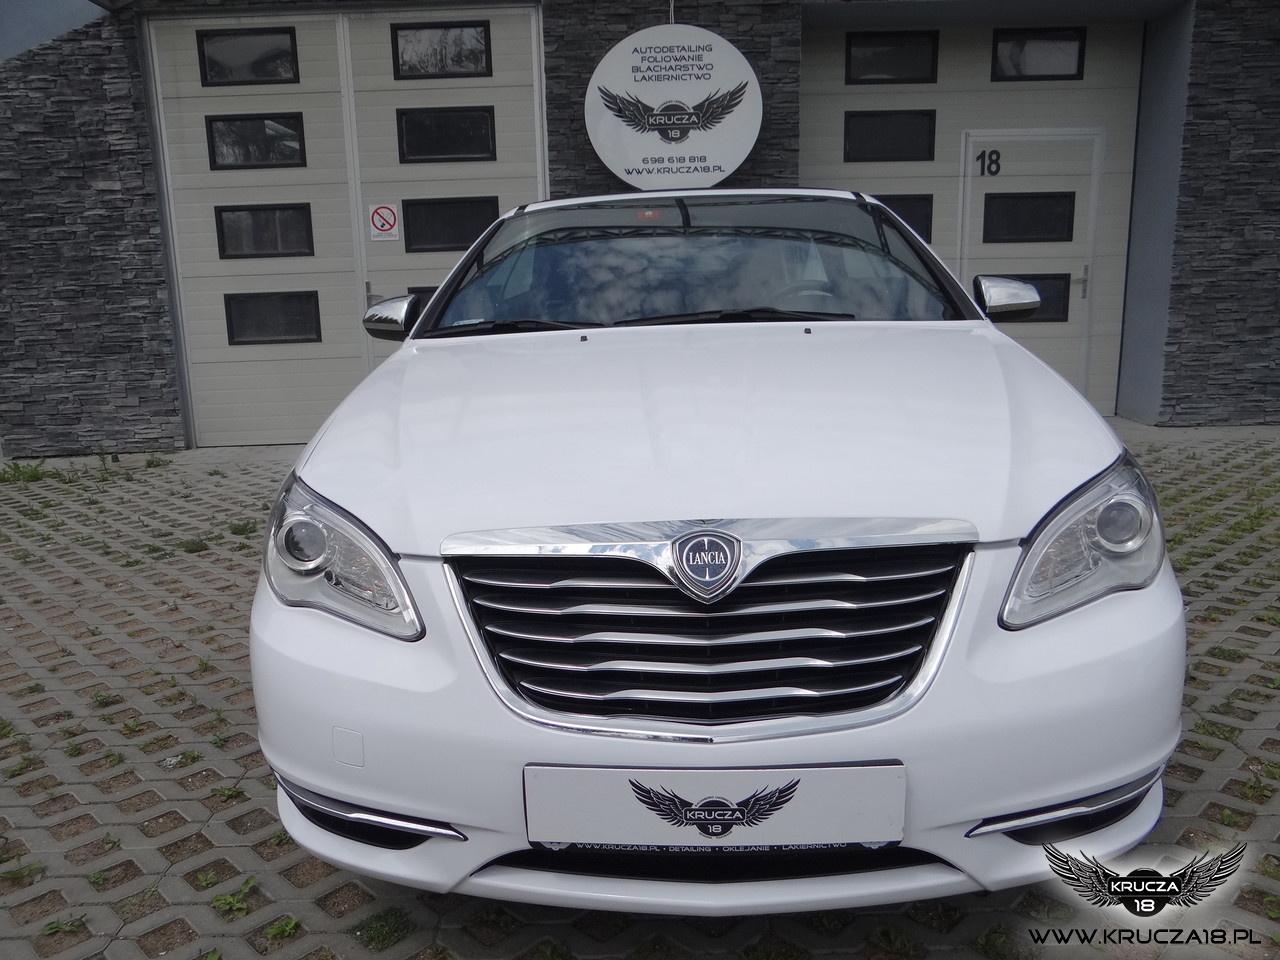 LANCIA : zmiana koloru auta folią : biały połysk : oklejanie : Krucza18 : Osielsko/k.Bydgoszczy